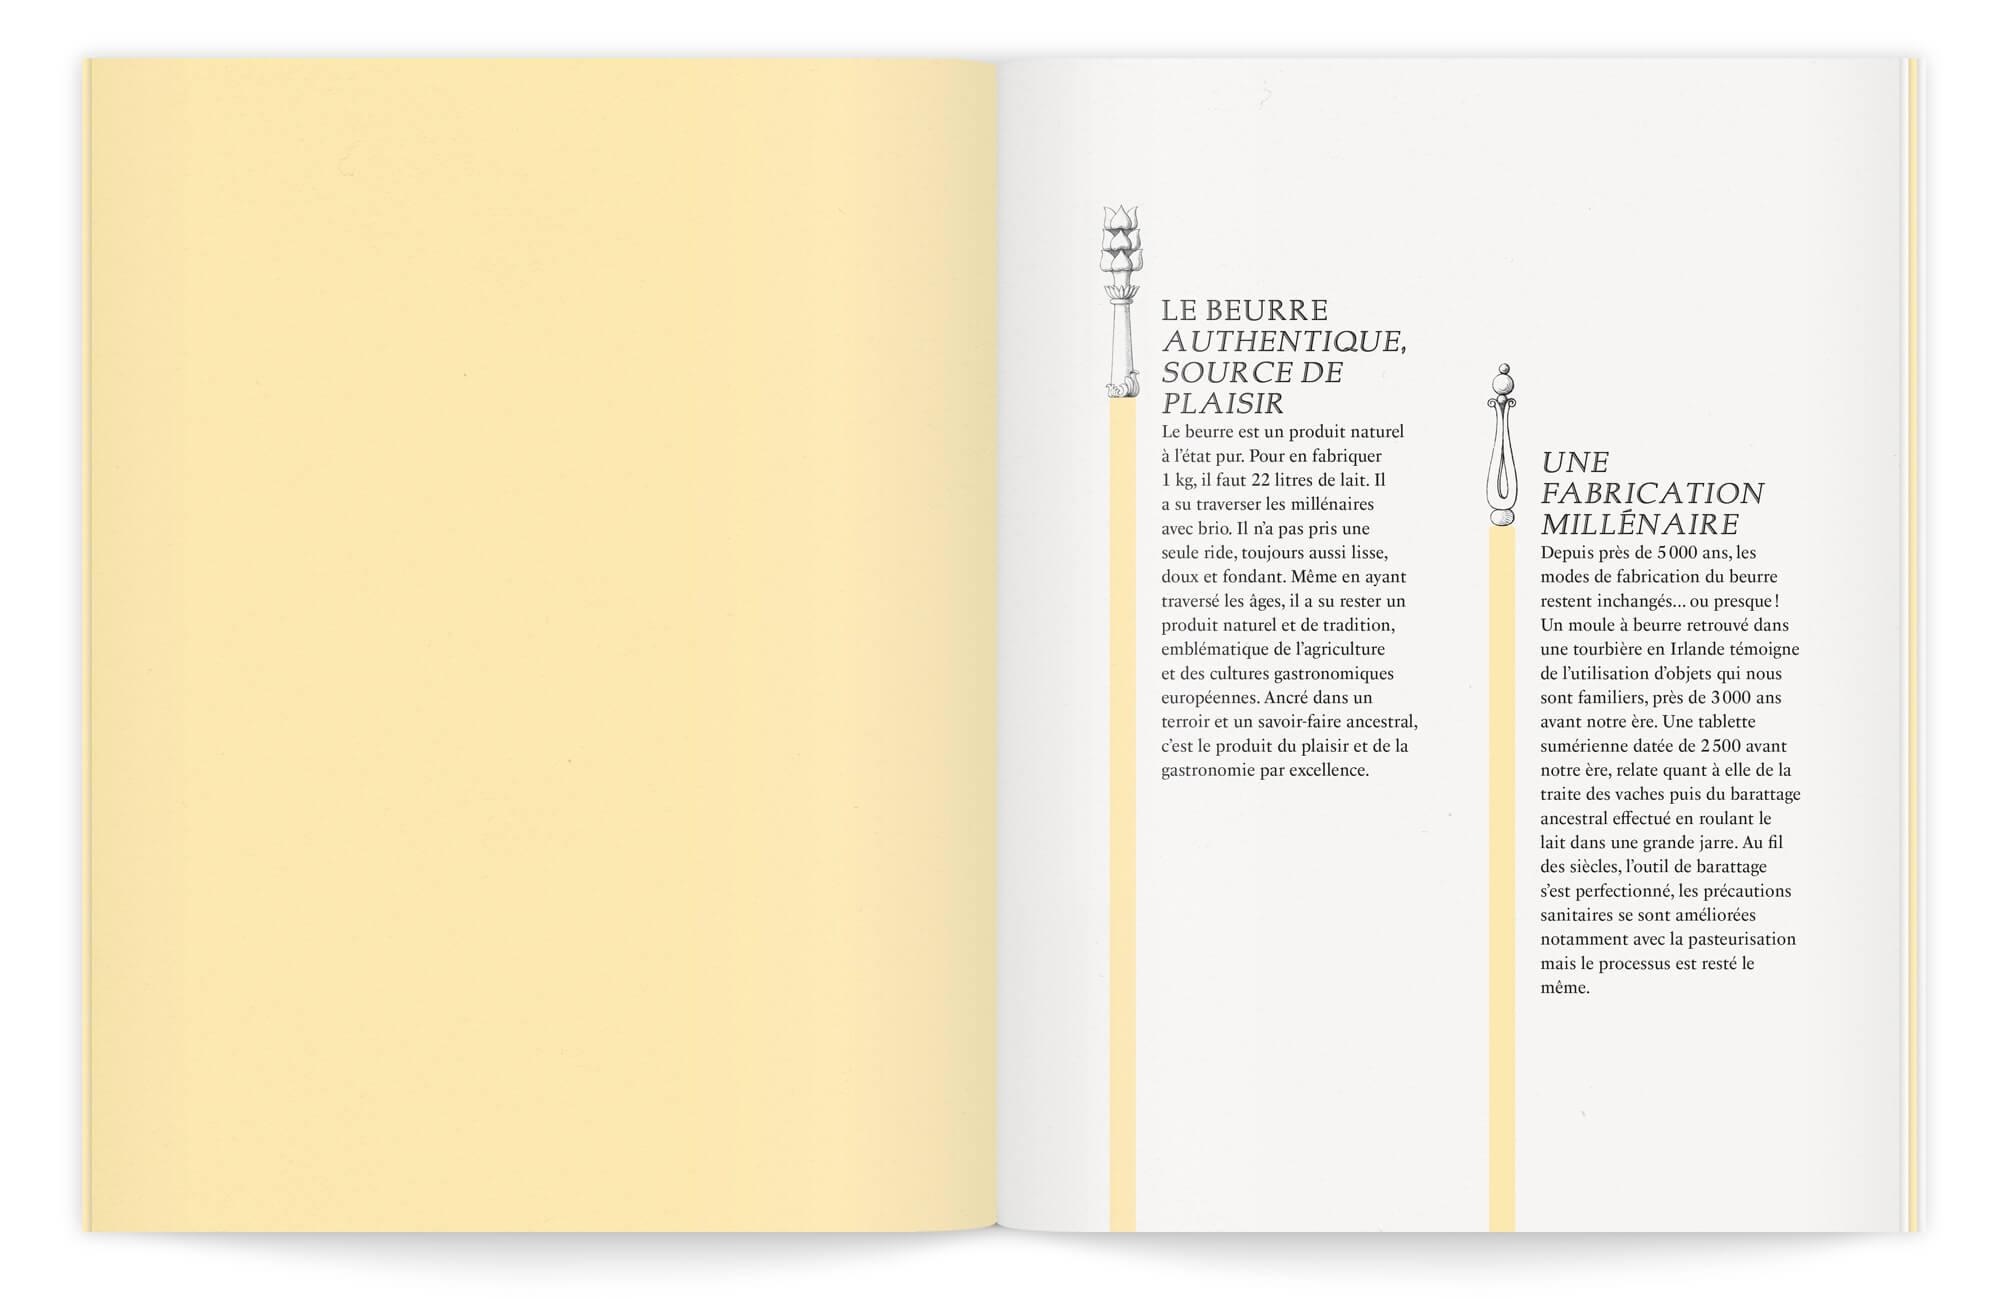 composition typo élégante ornée de gravures anciennes, dans cette brochure dessinée par Ich&Kar